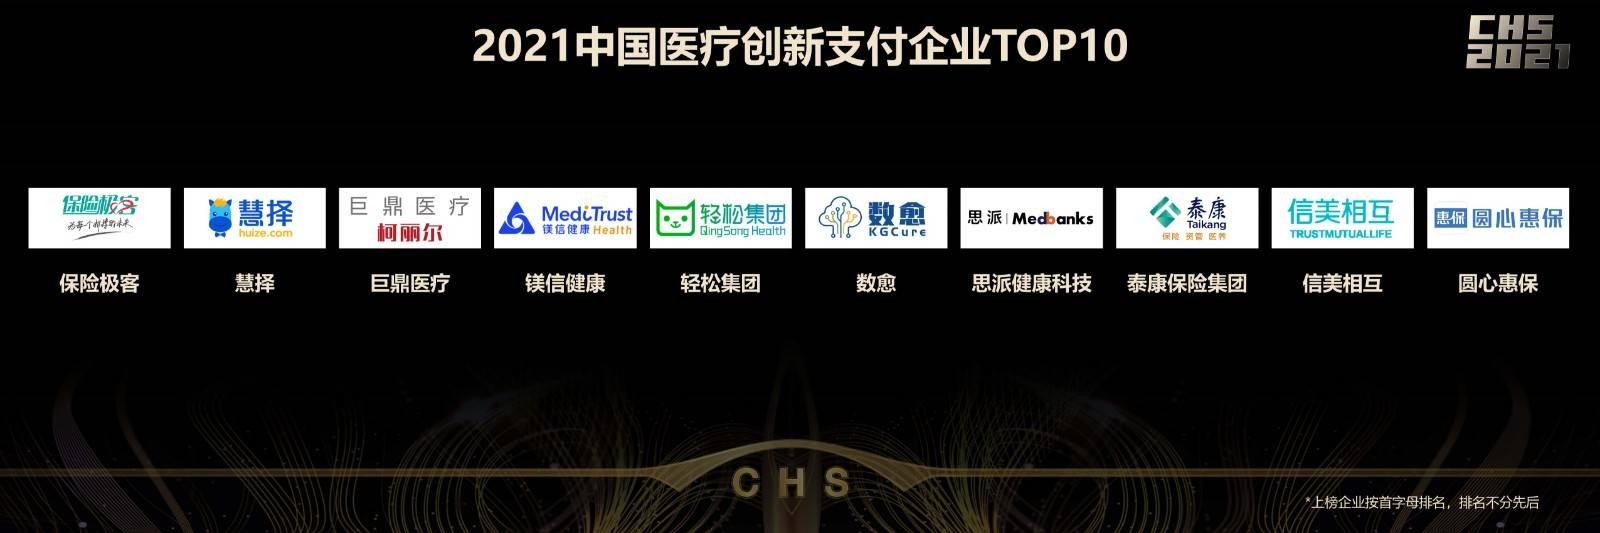 2021中国医疗创新支付企业TOP10